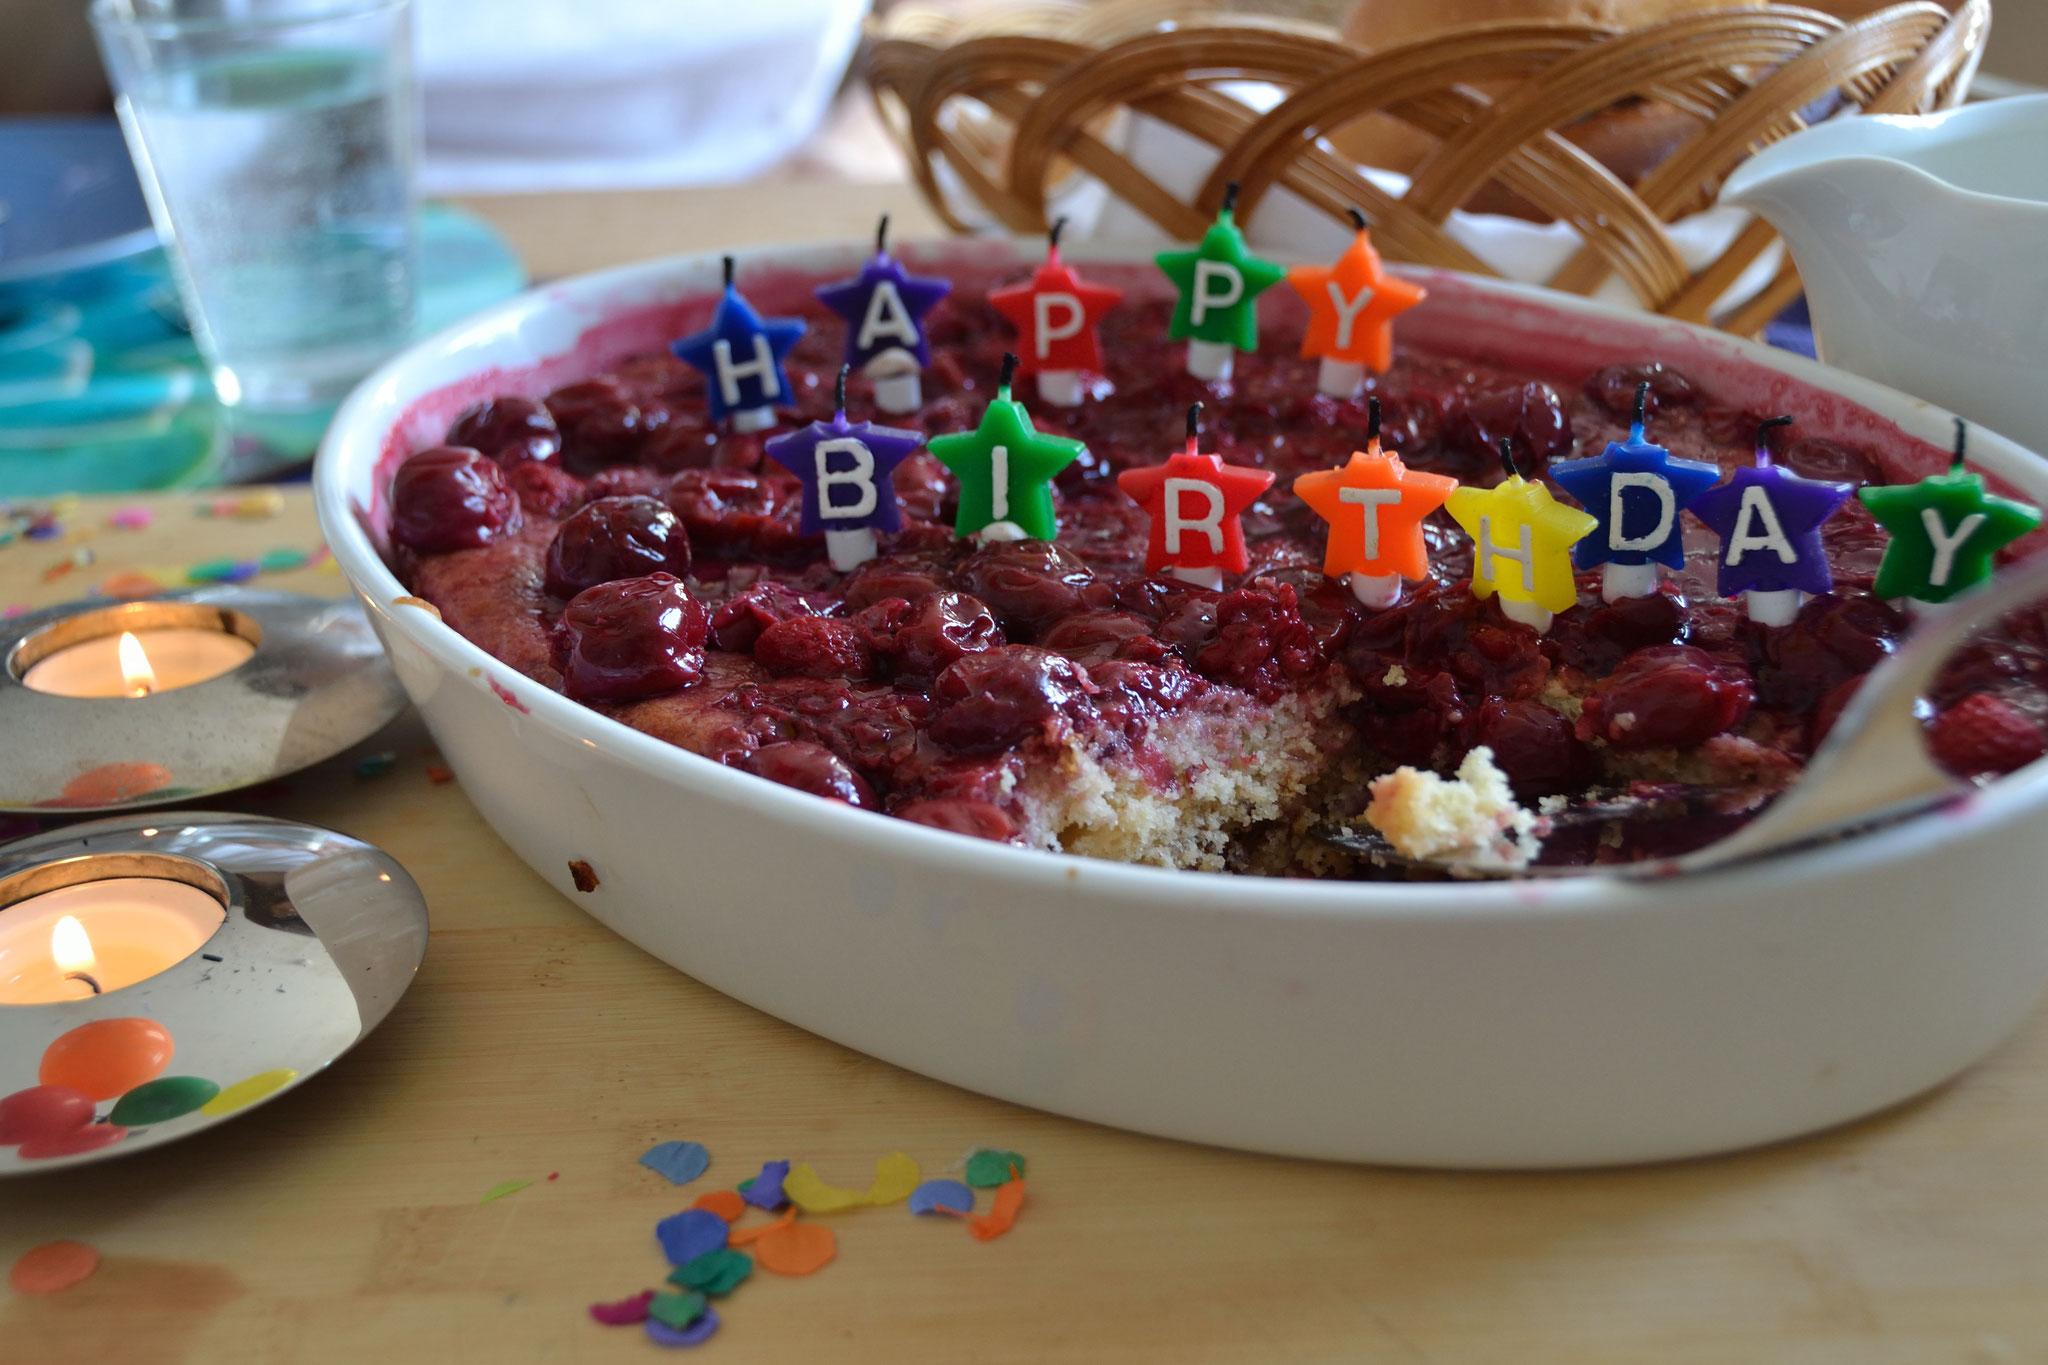 Creamberry kuchen